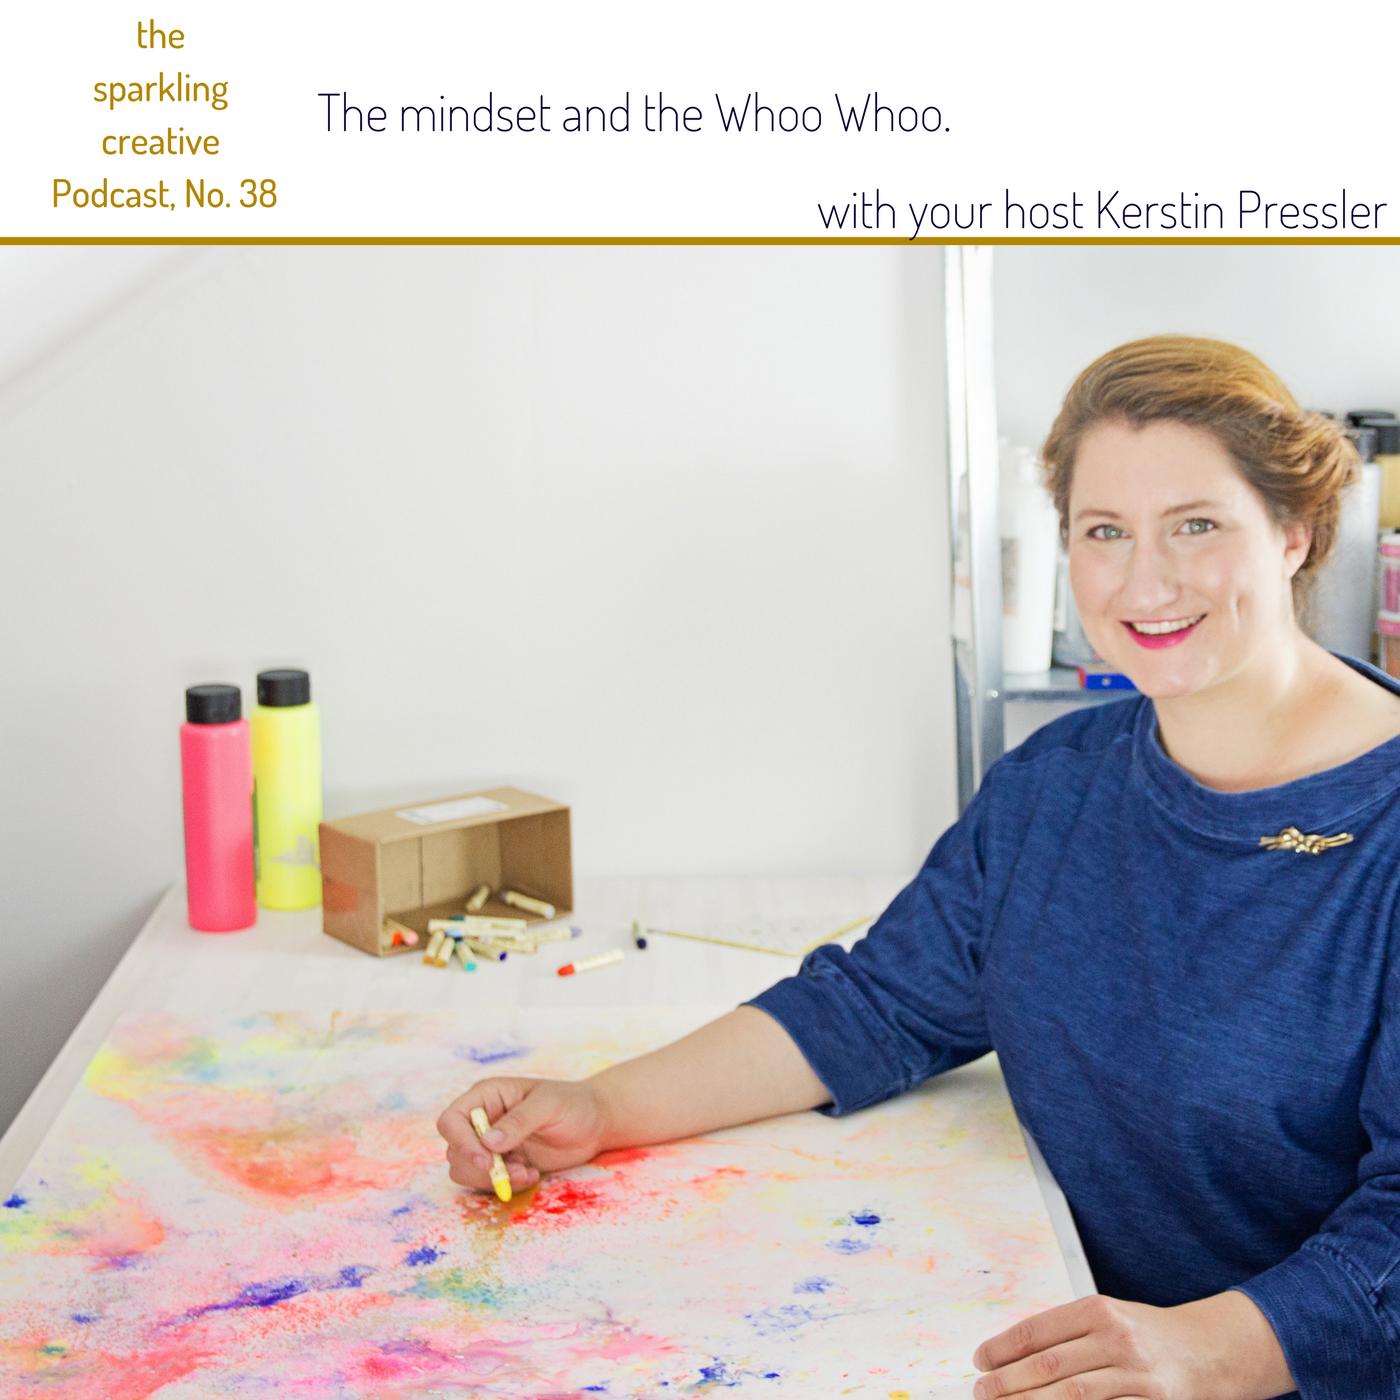 The sparkling creative Podcast, Episode 38: The mindset and the Whoo Whoo, Kerstin Pressler, www.kerstinpressler.com/bog-2/episode38